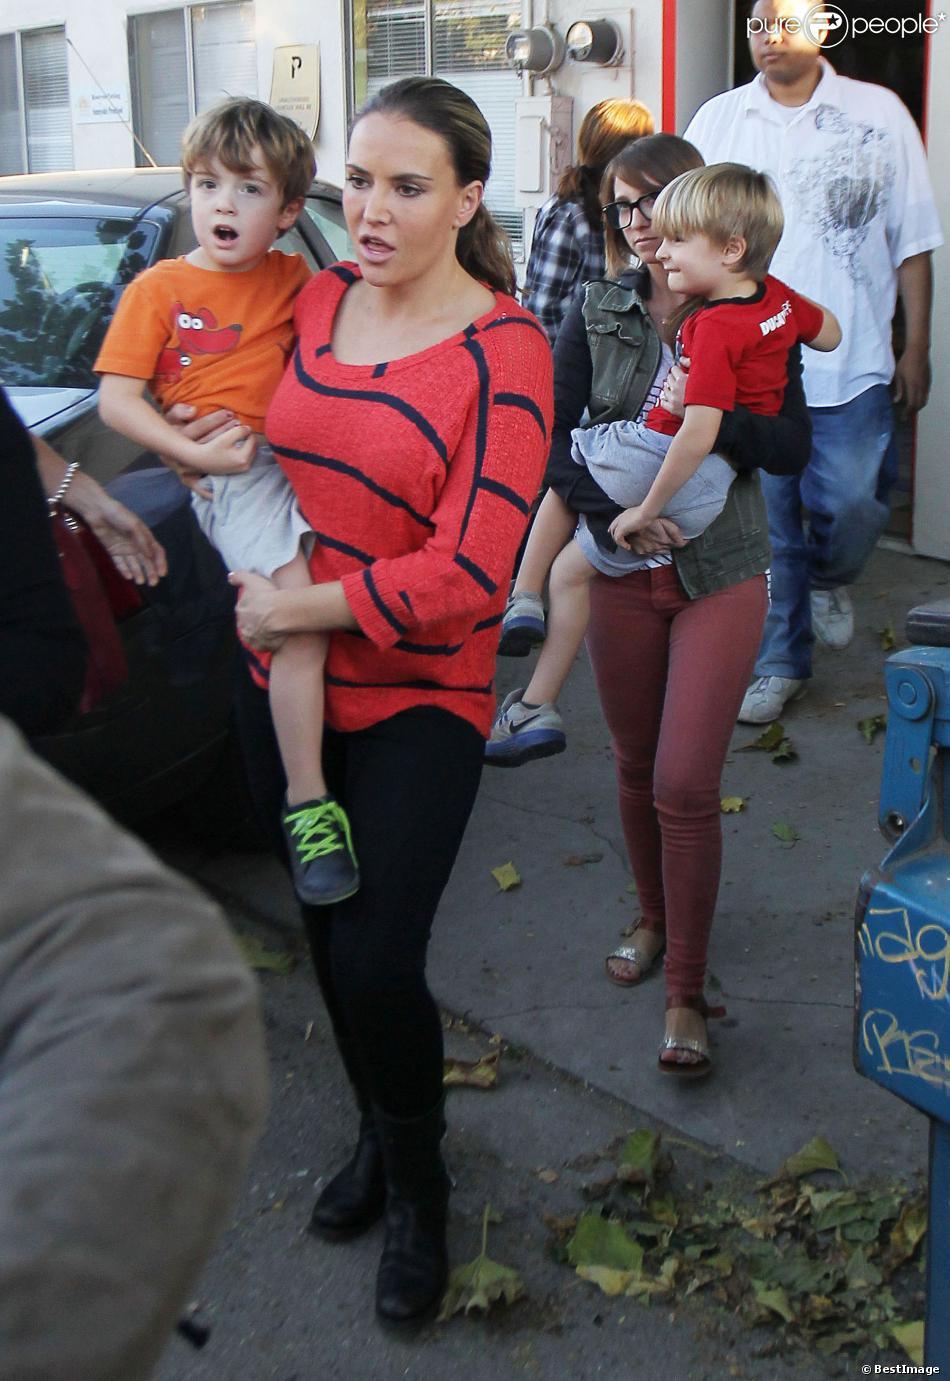 Exclusif – L'ex-femme de Charlie Sheen, Brooke Mueller, est allée recupérer ses jumeaux Bob et Max a l'école à Los Angeles, le 8 Novembre 2013.